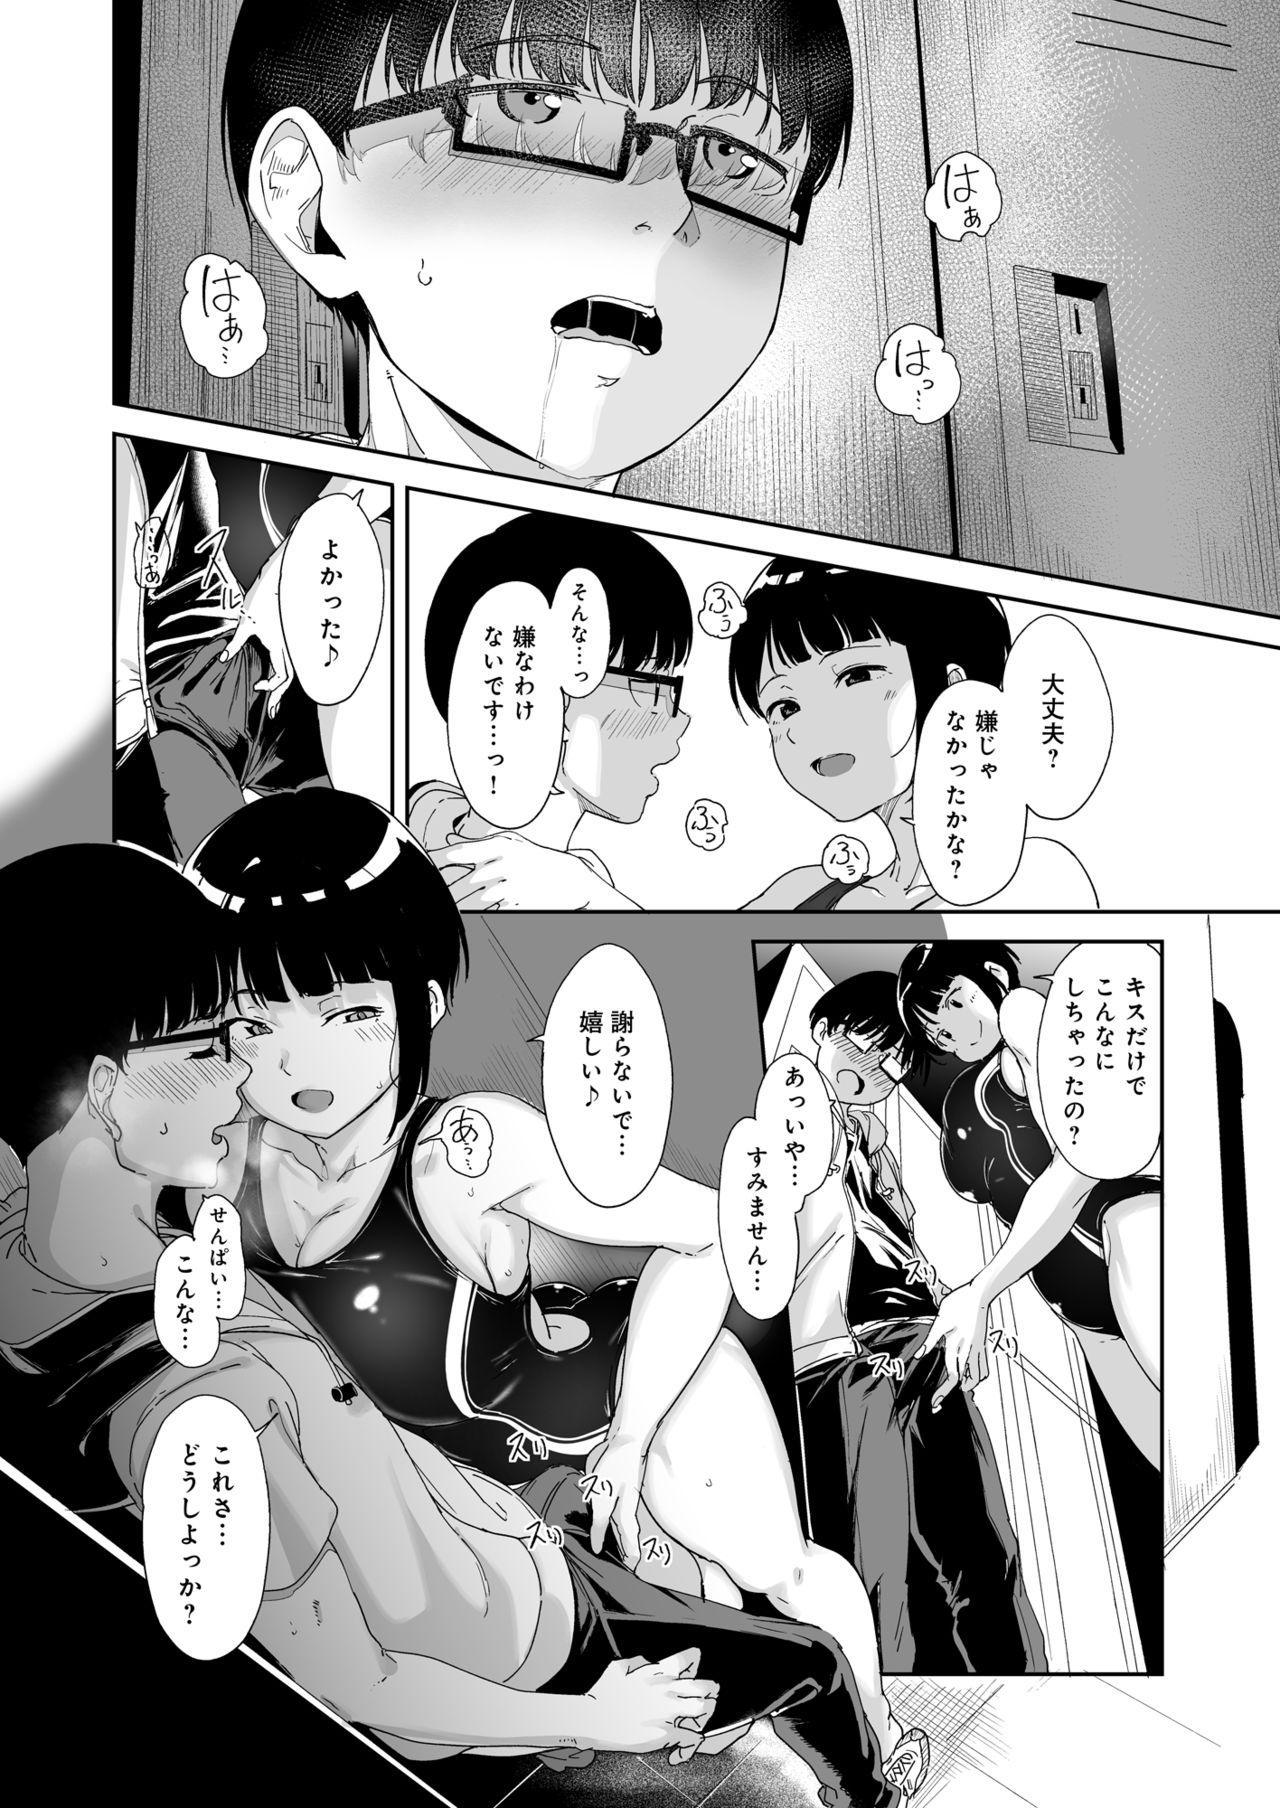 Akogare Kanojo no Risou to Genjitsu 14